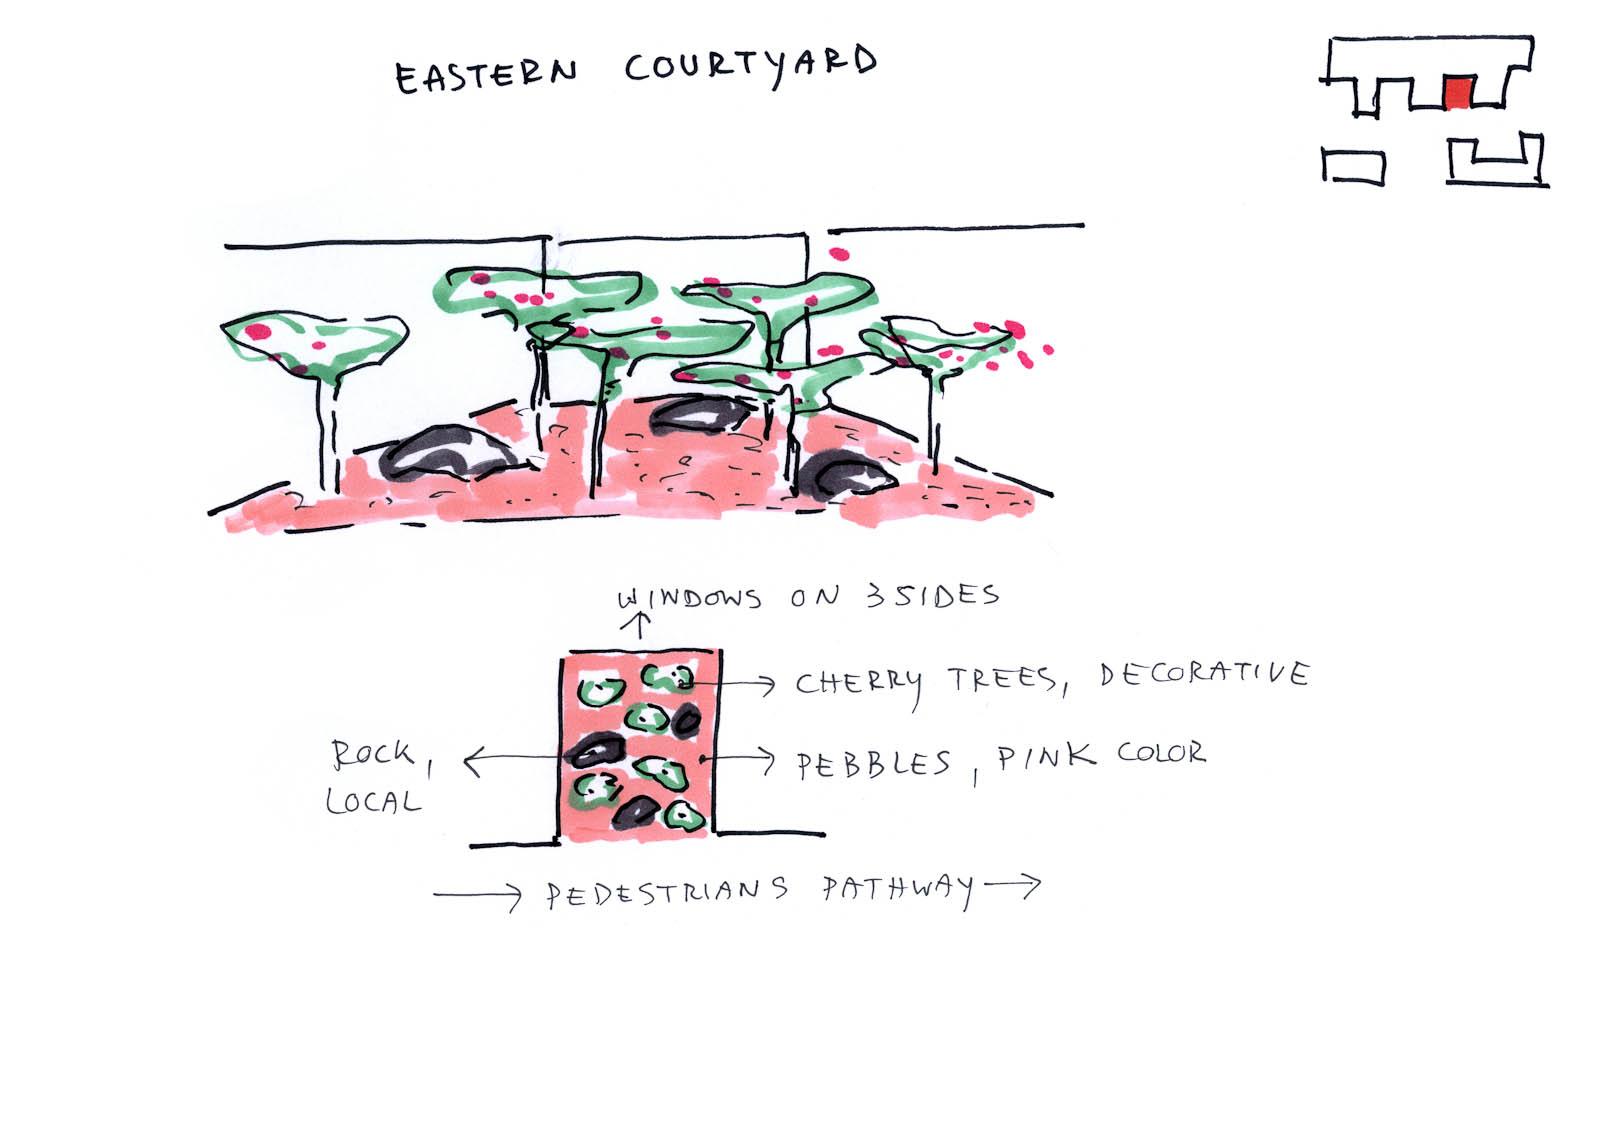 Skiss av skolgård med körsbärsträd. Marjetica Potrc och STEALTH, Fruit and Energy Farms in a Public Square.